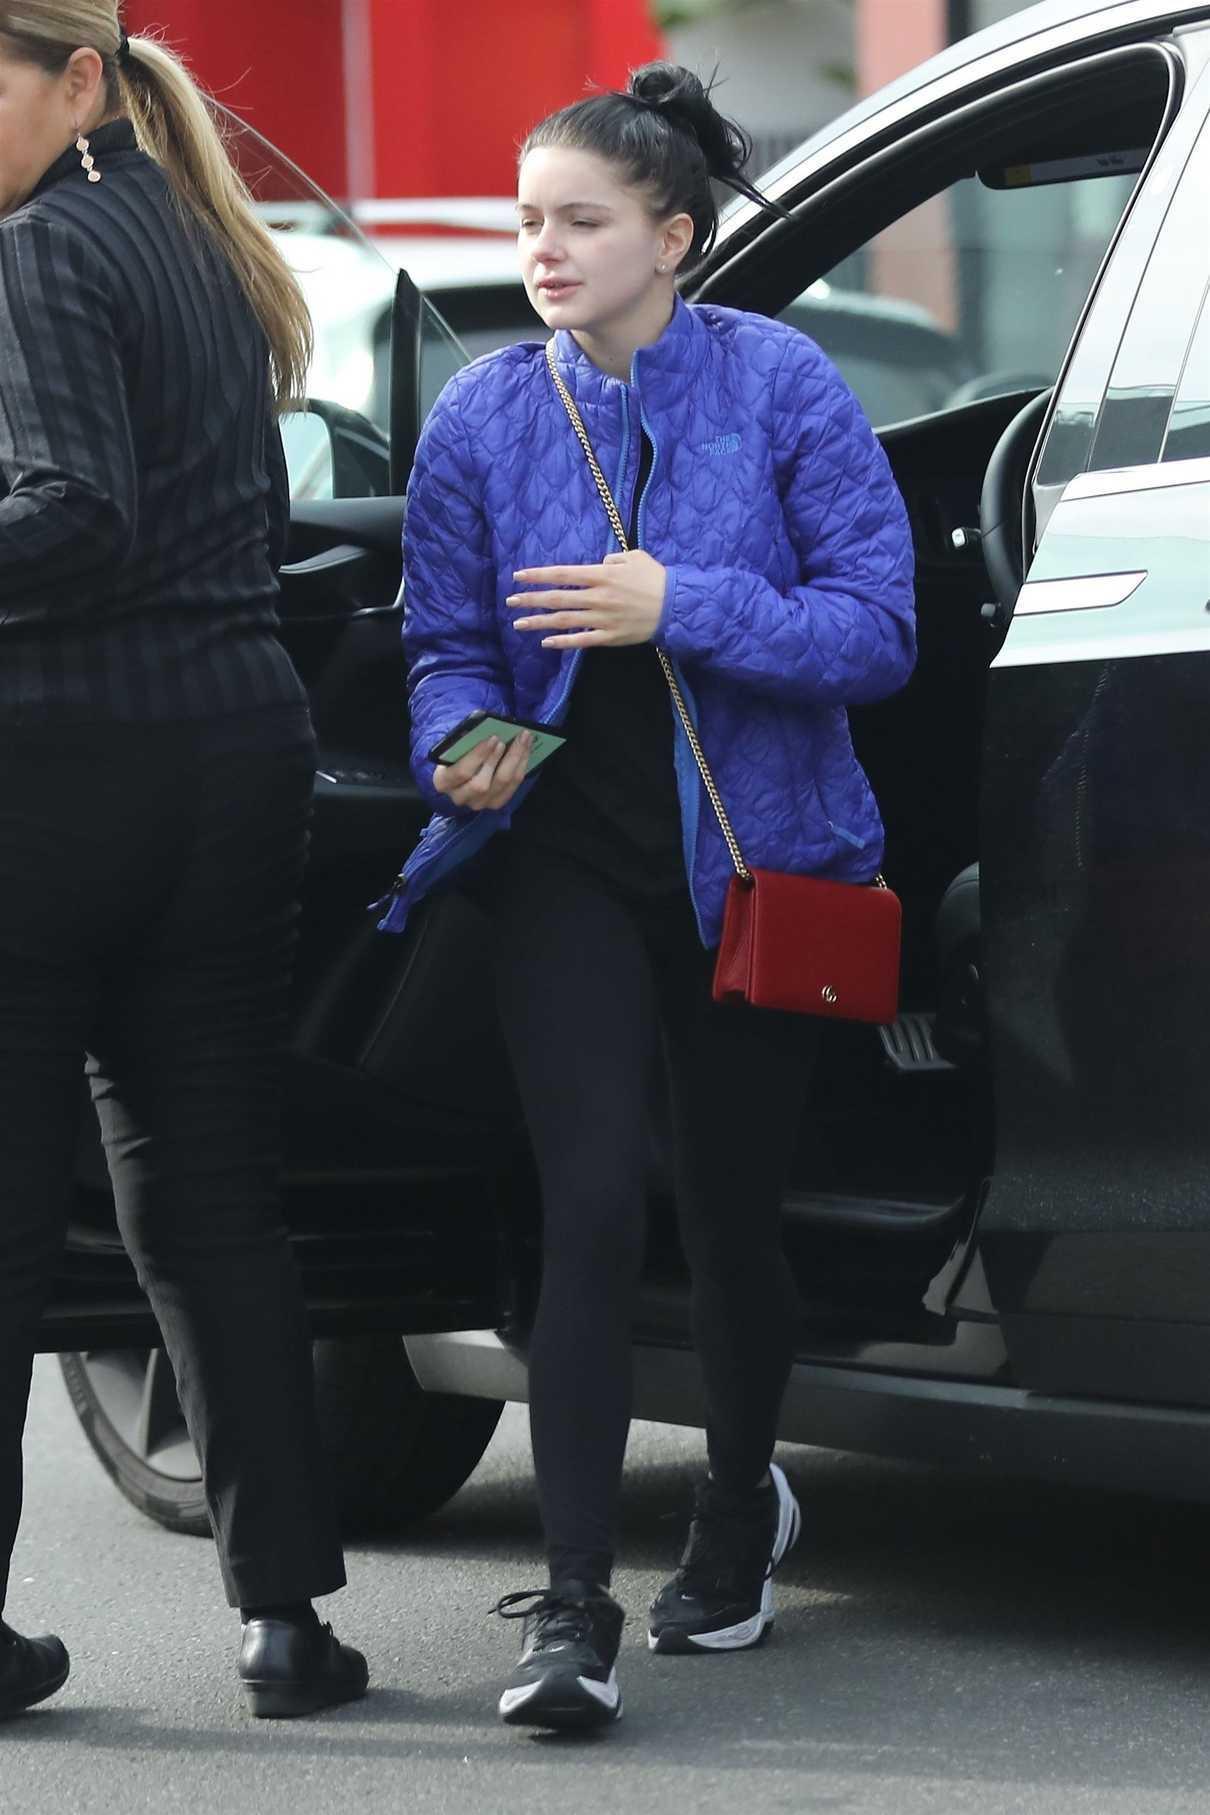 Ariel Winter in a Blue Jacket